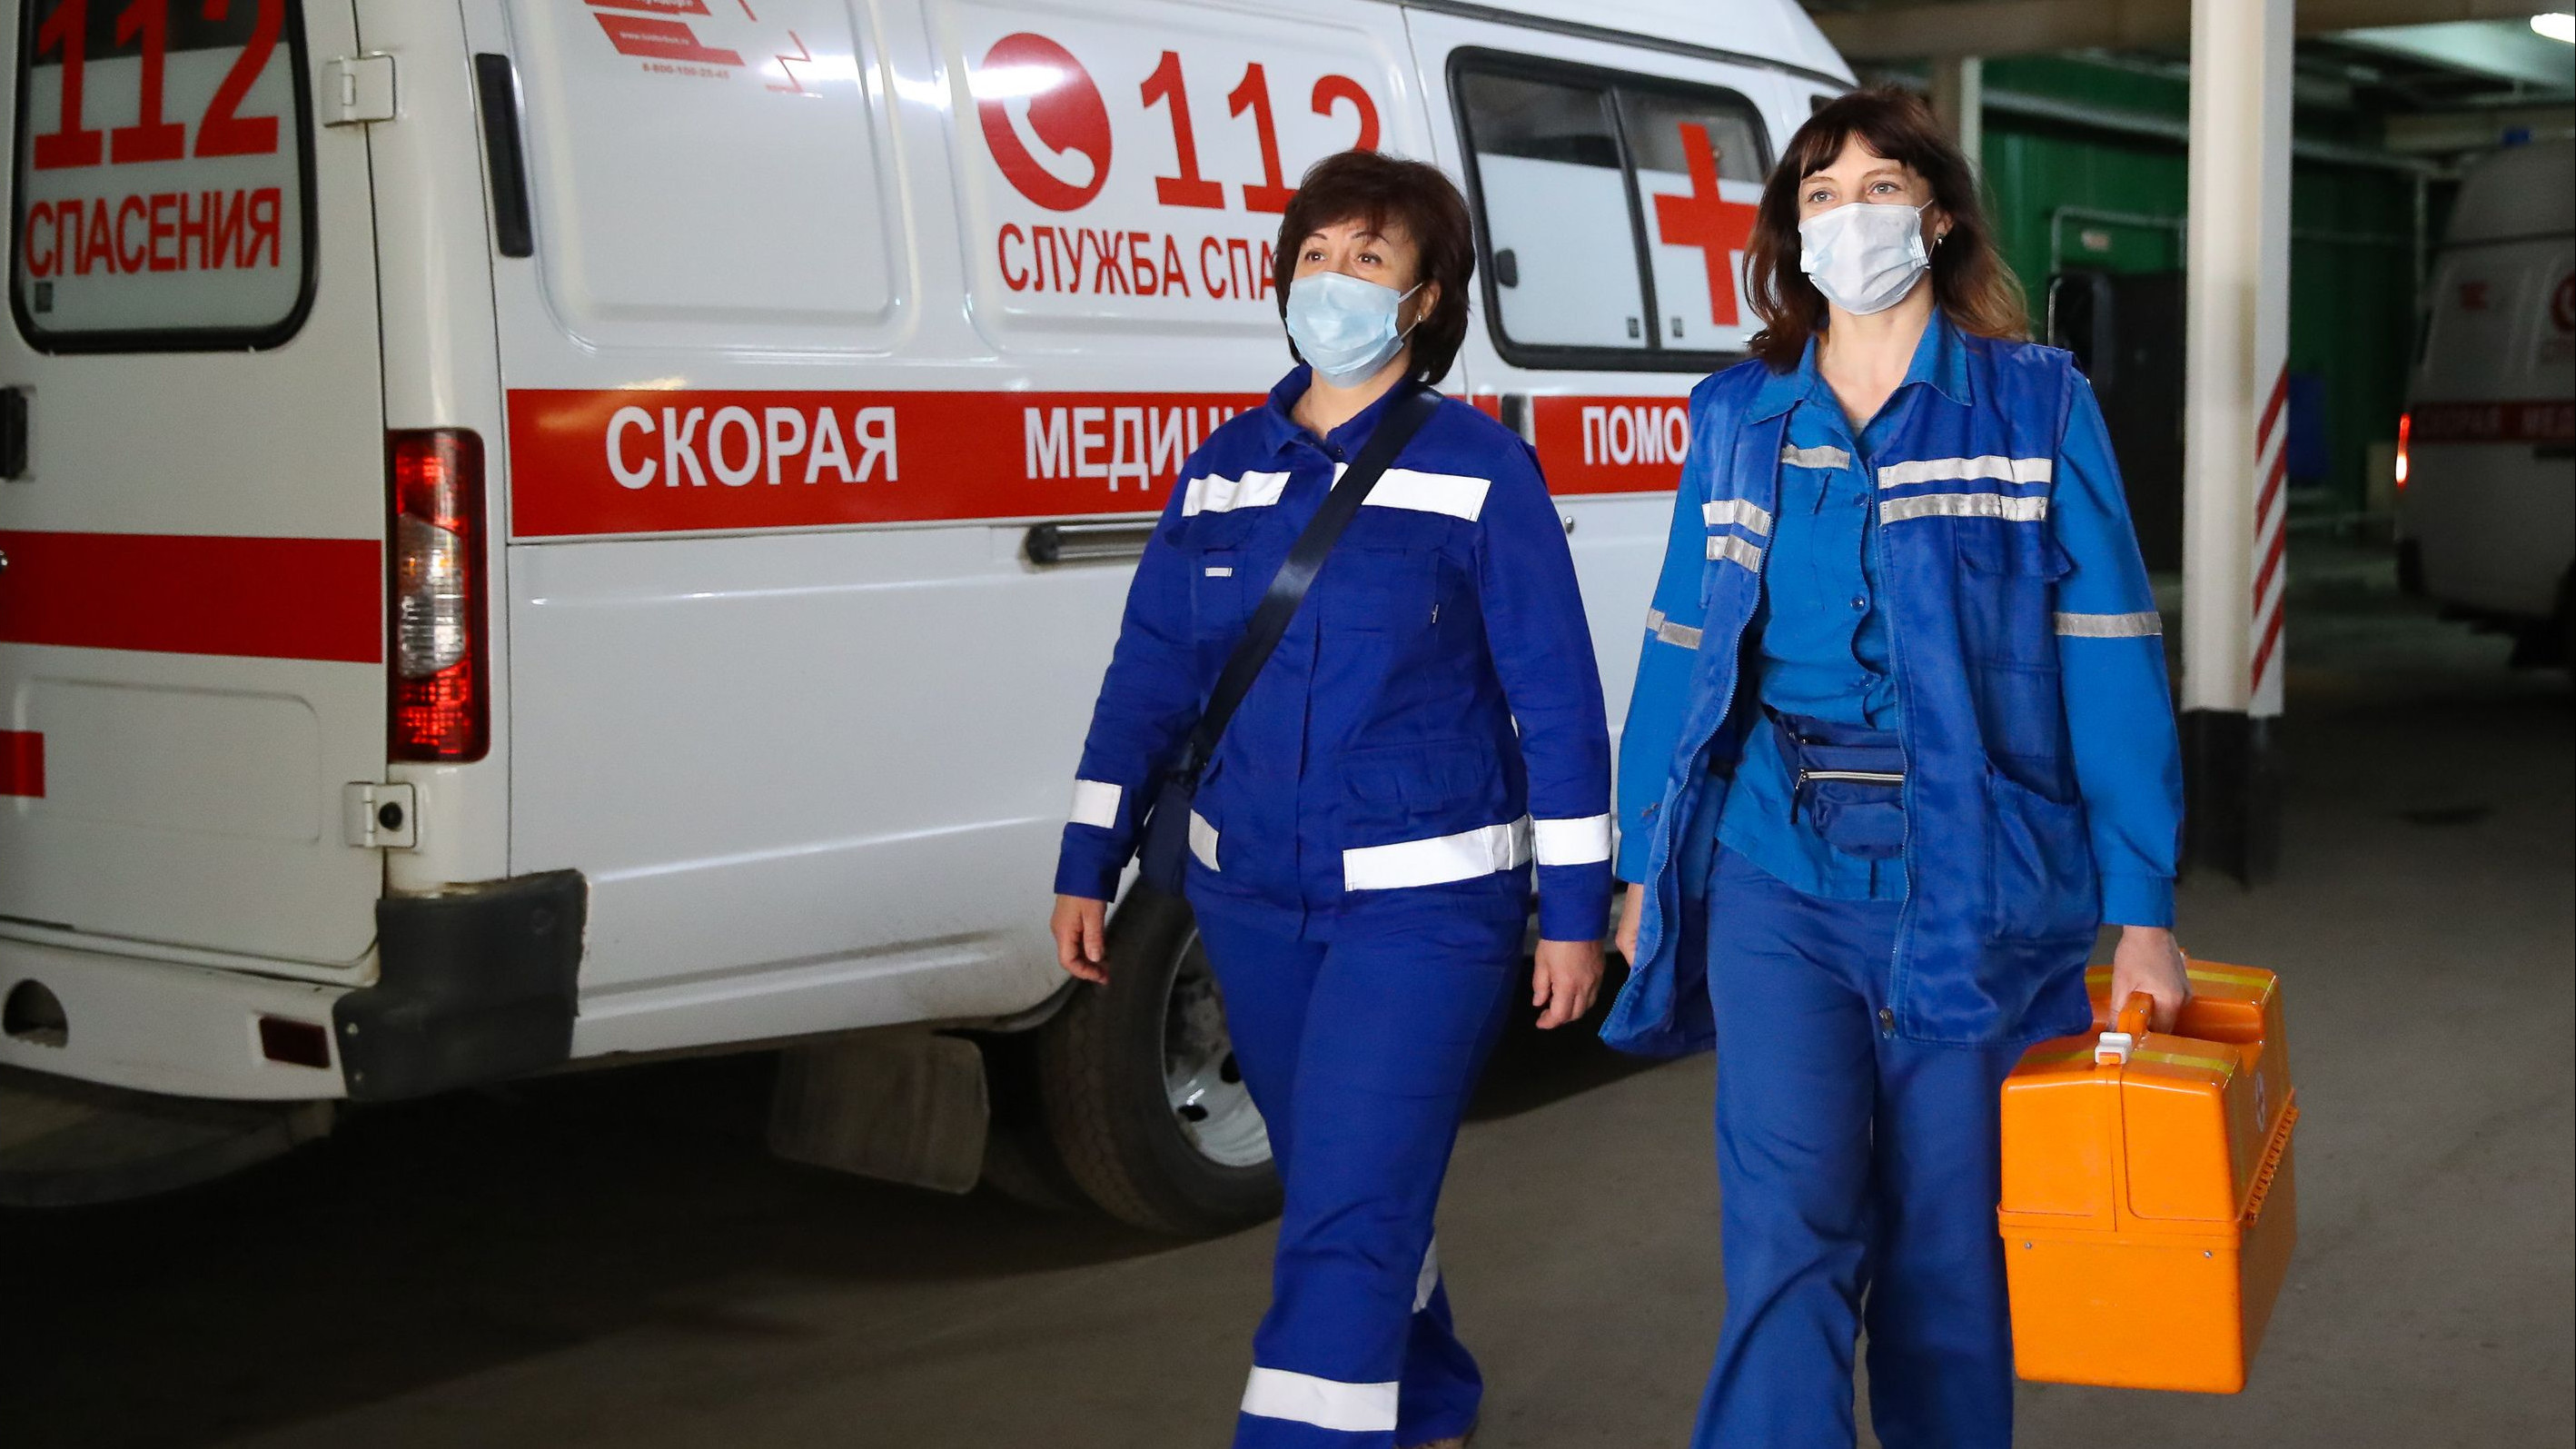 Отдельные бригады врачей для пациентов с признаками ОРВИ сформировали в Подмосковье